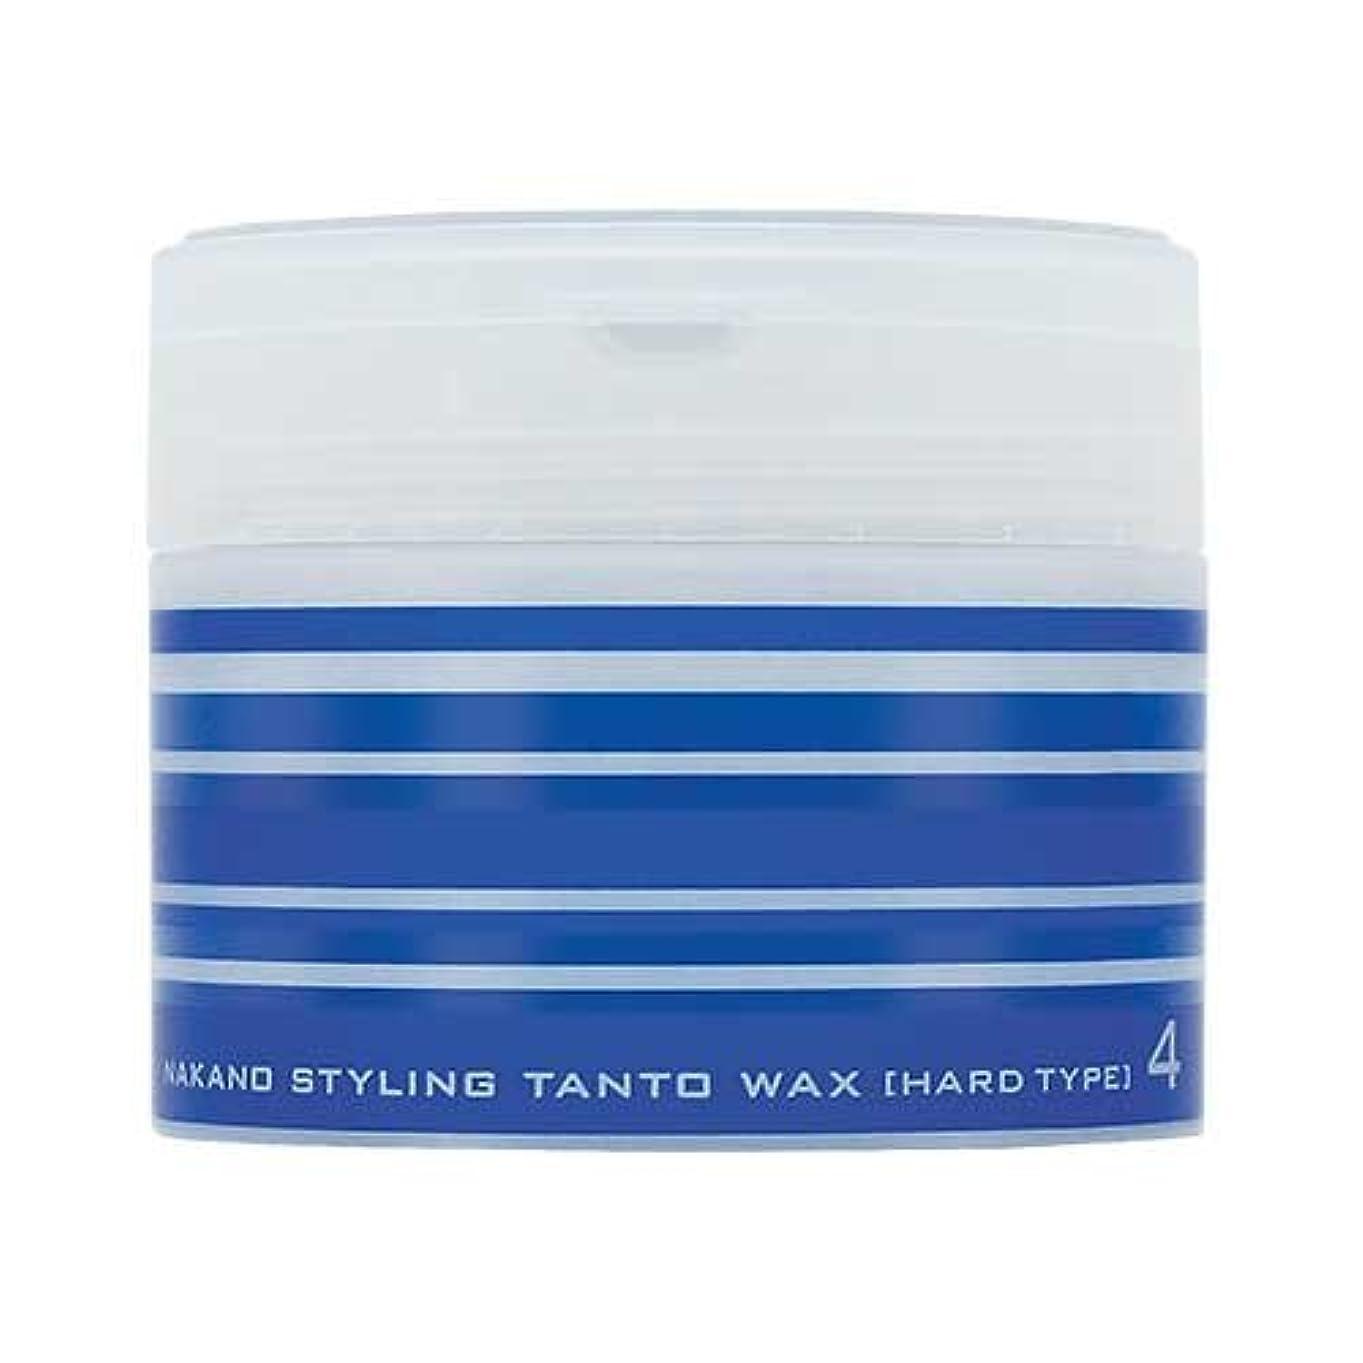 私たち縞模様のオーナー【ナカノ】スタイリング タントN ワックス 4 ハードタイプ 90g